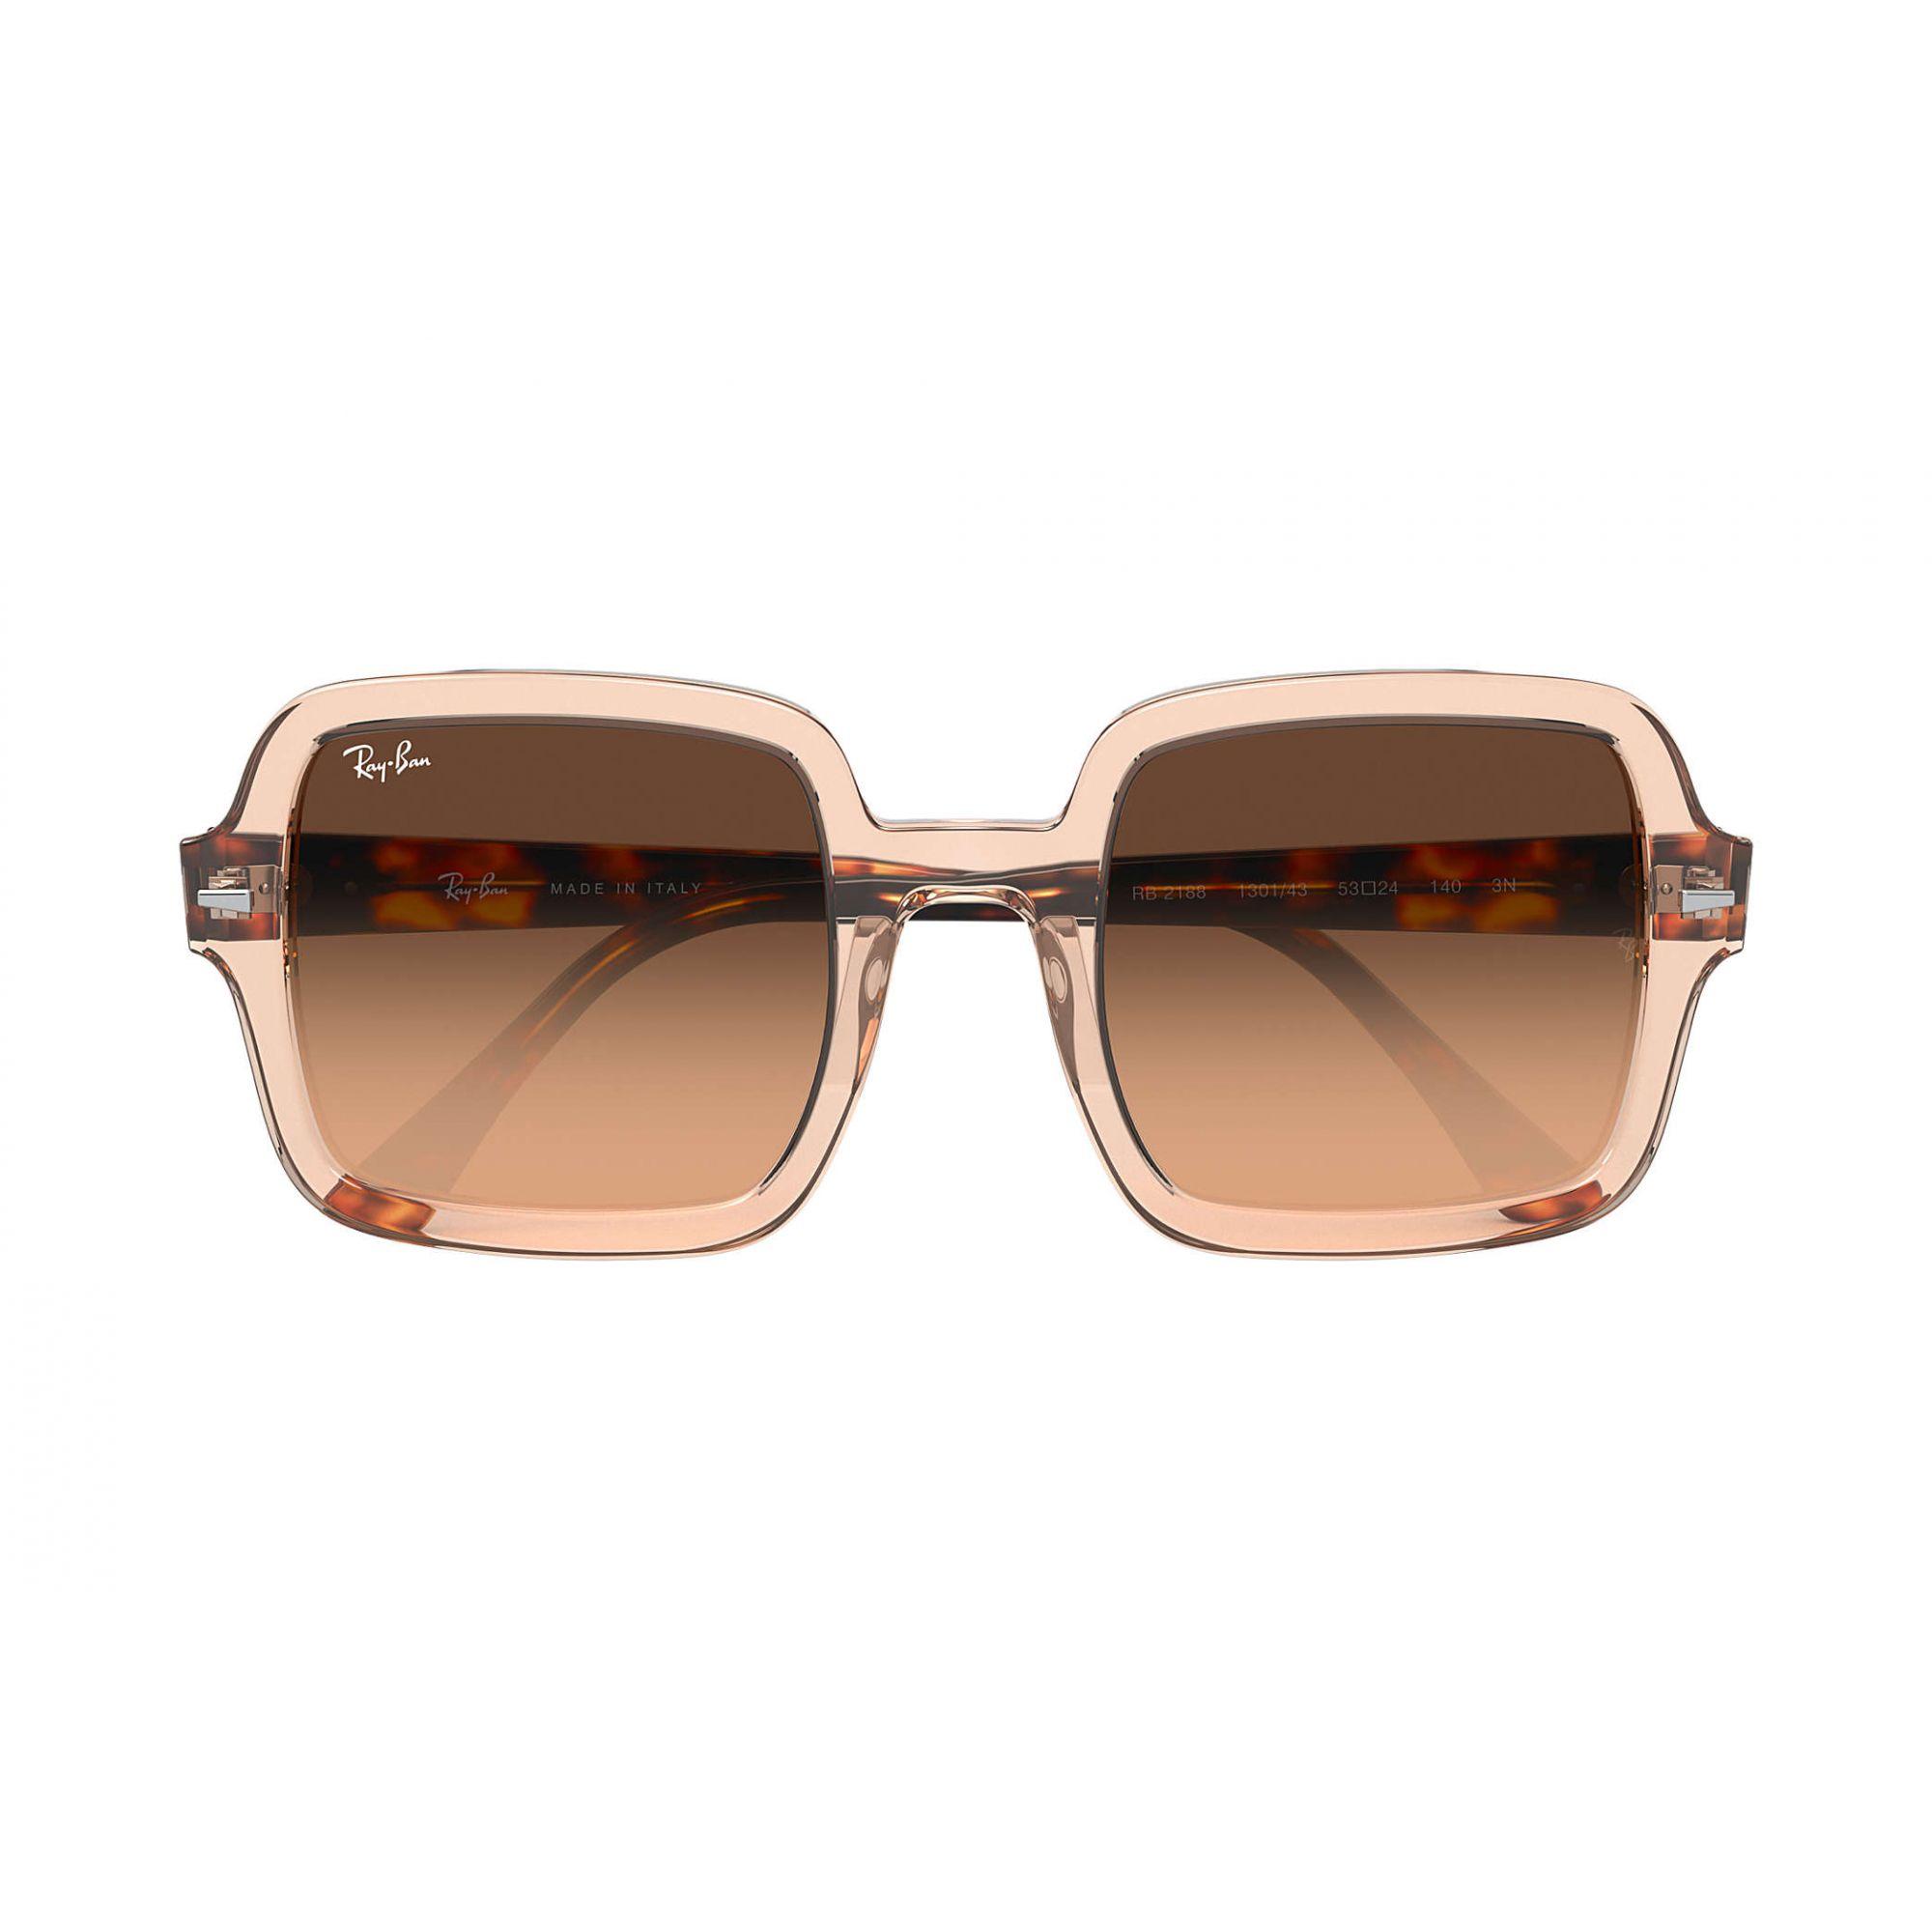 Ray Ban - RB2188 130143 - Óculos de sol